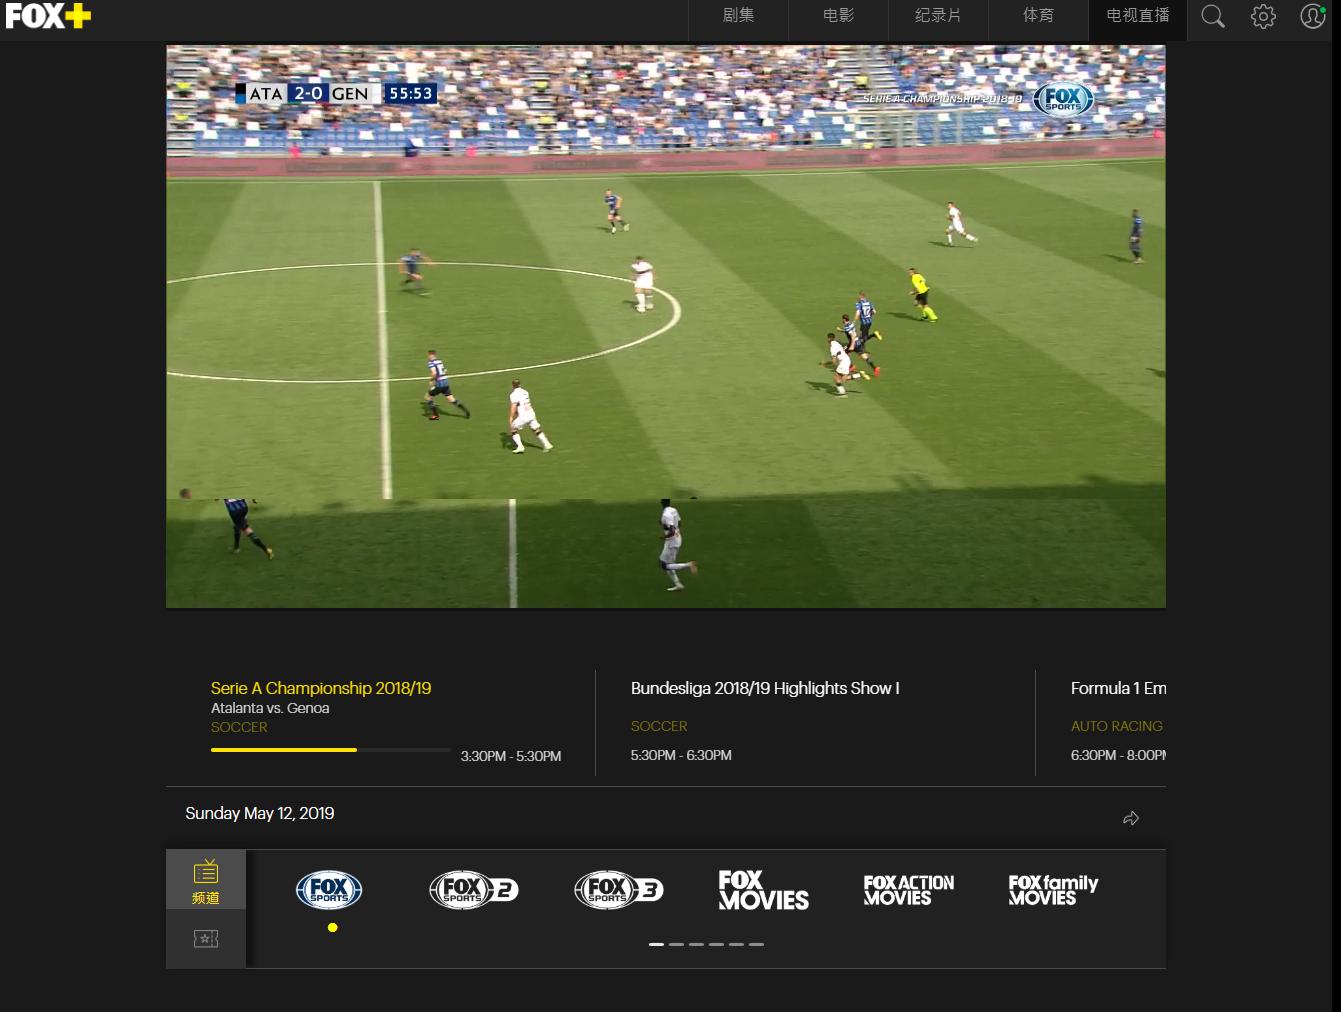 FOX_Sports_FOX+_sport.png